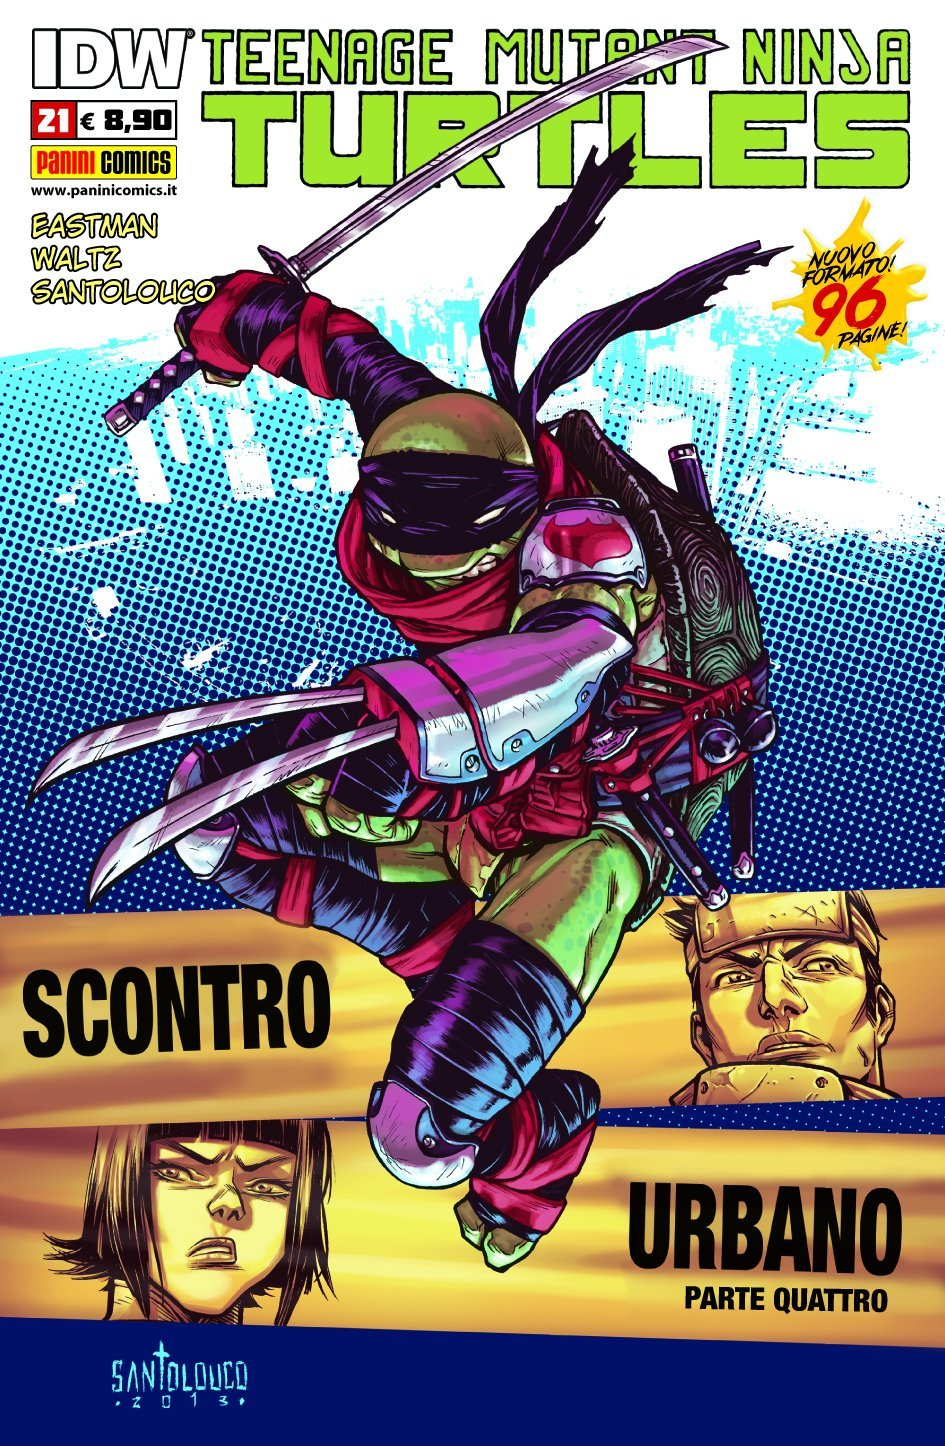 Teenage Mutant Ninja Turtles 21: Amazon.es: AA.VV.: Libros ...